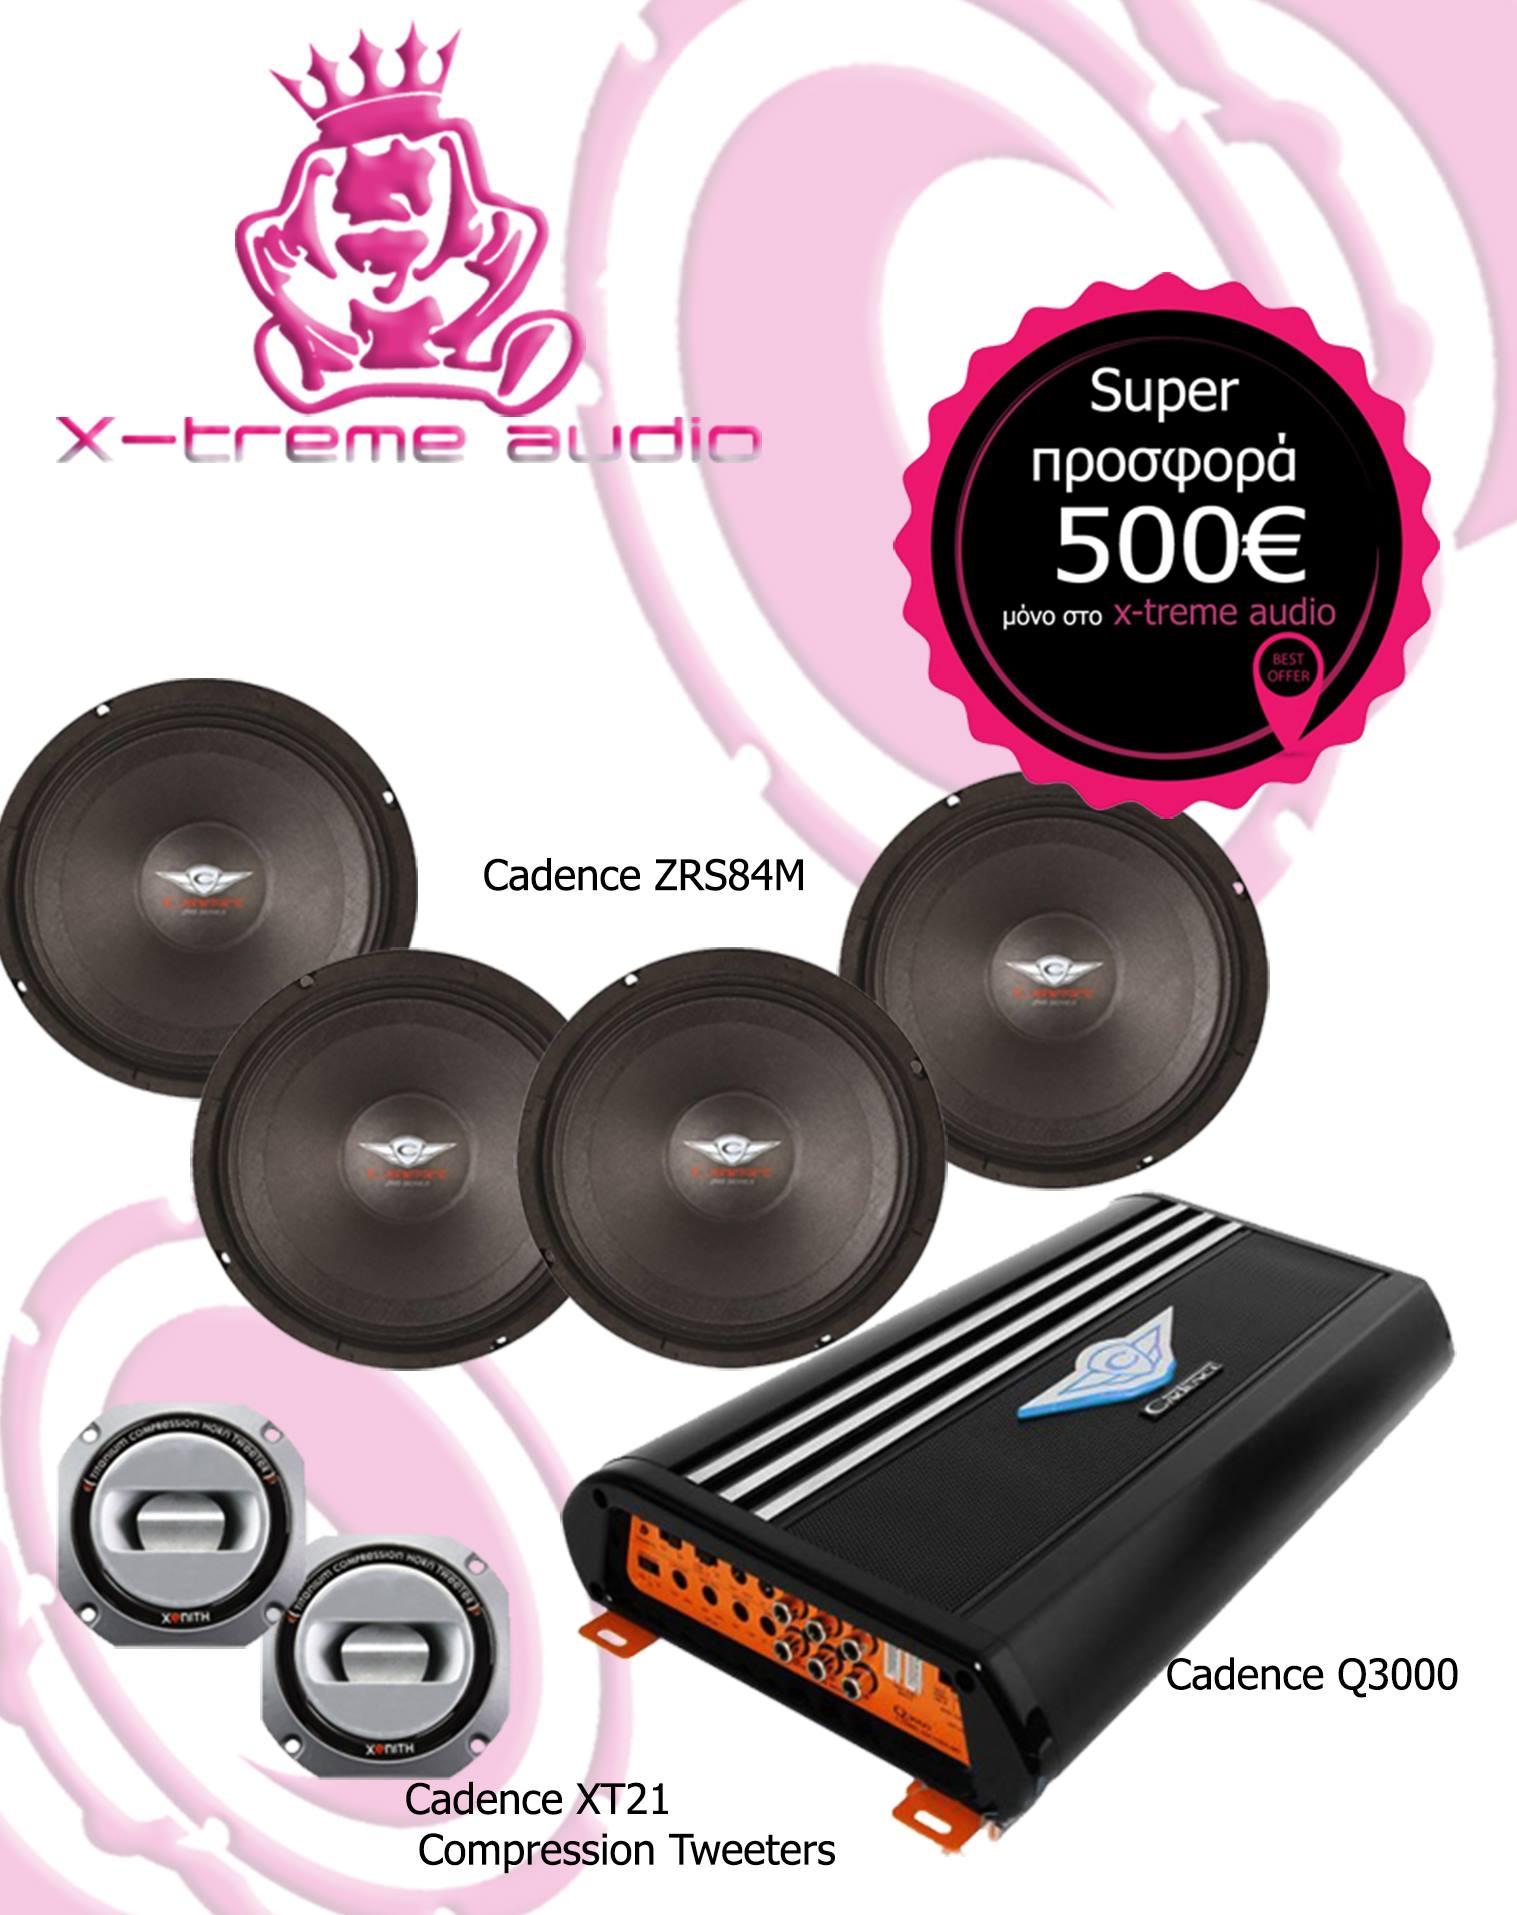 Πακέτο προσφοράς cadence στο X-treme Audio